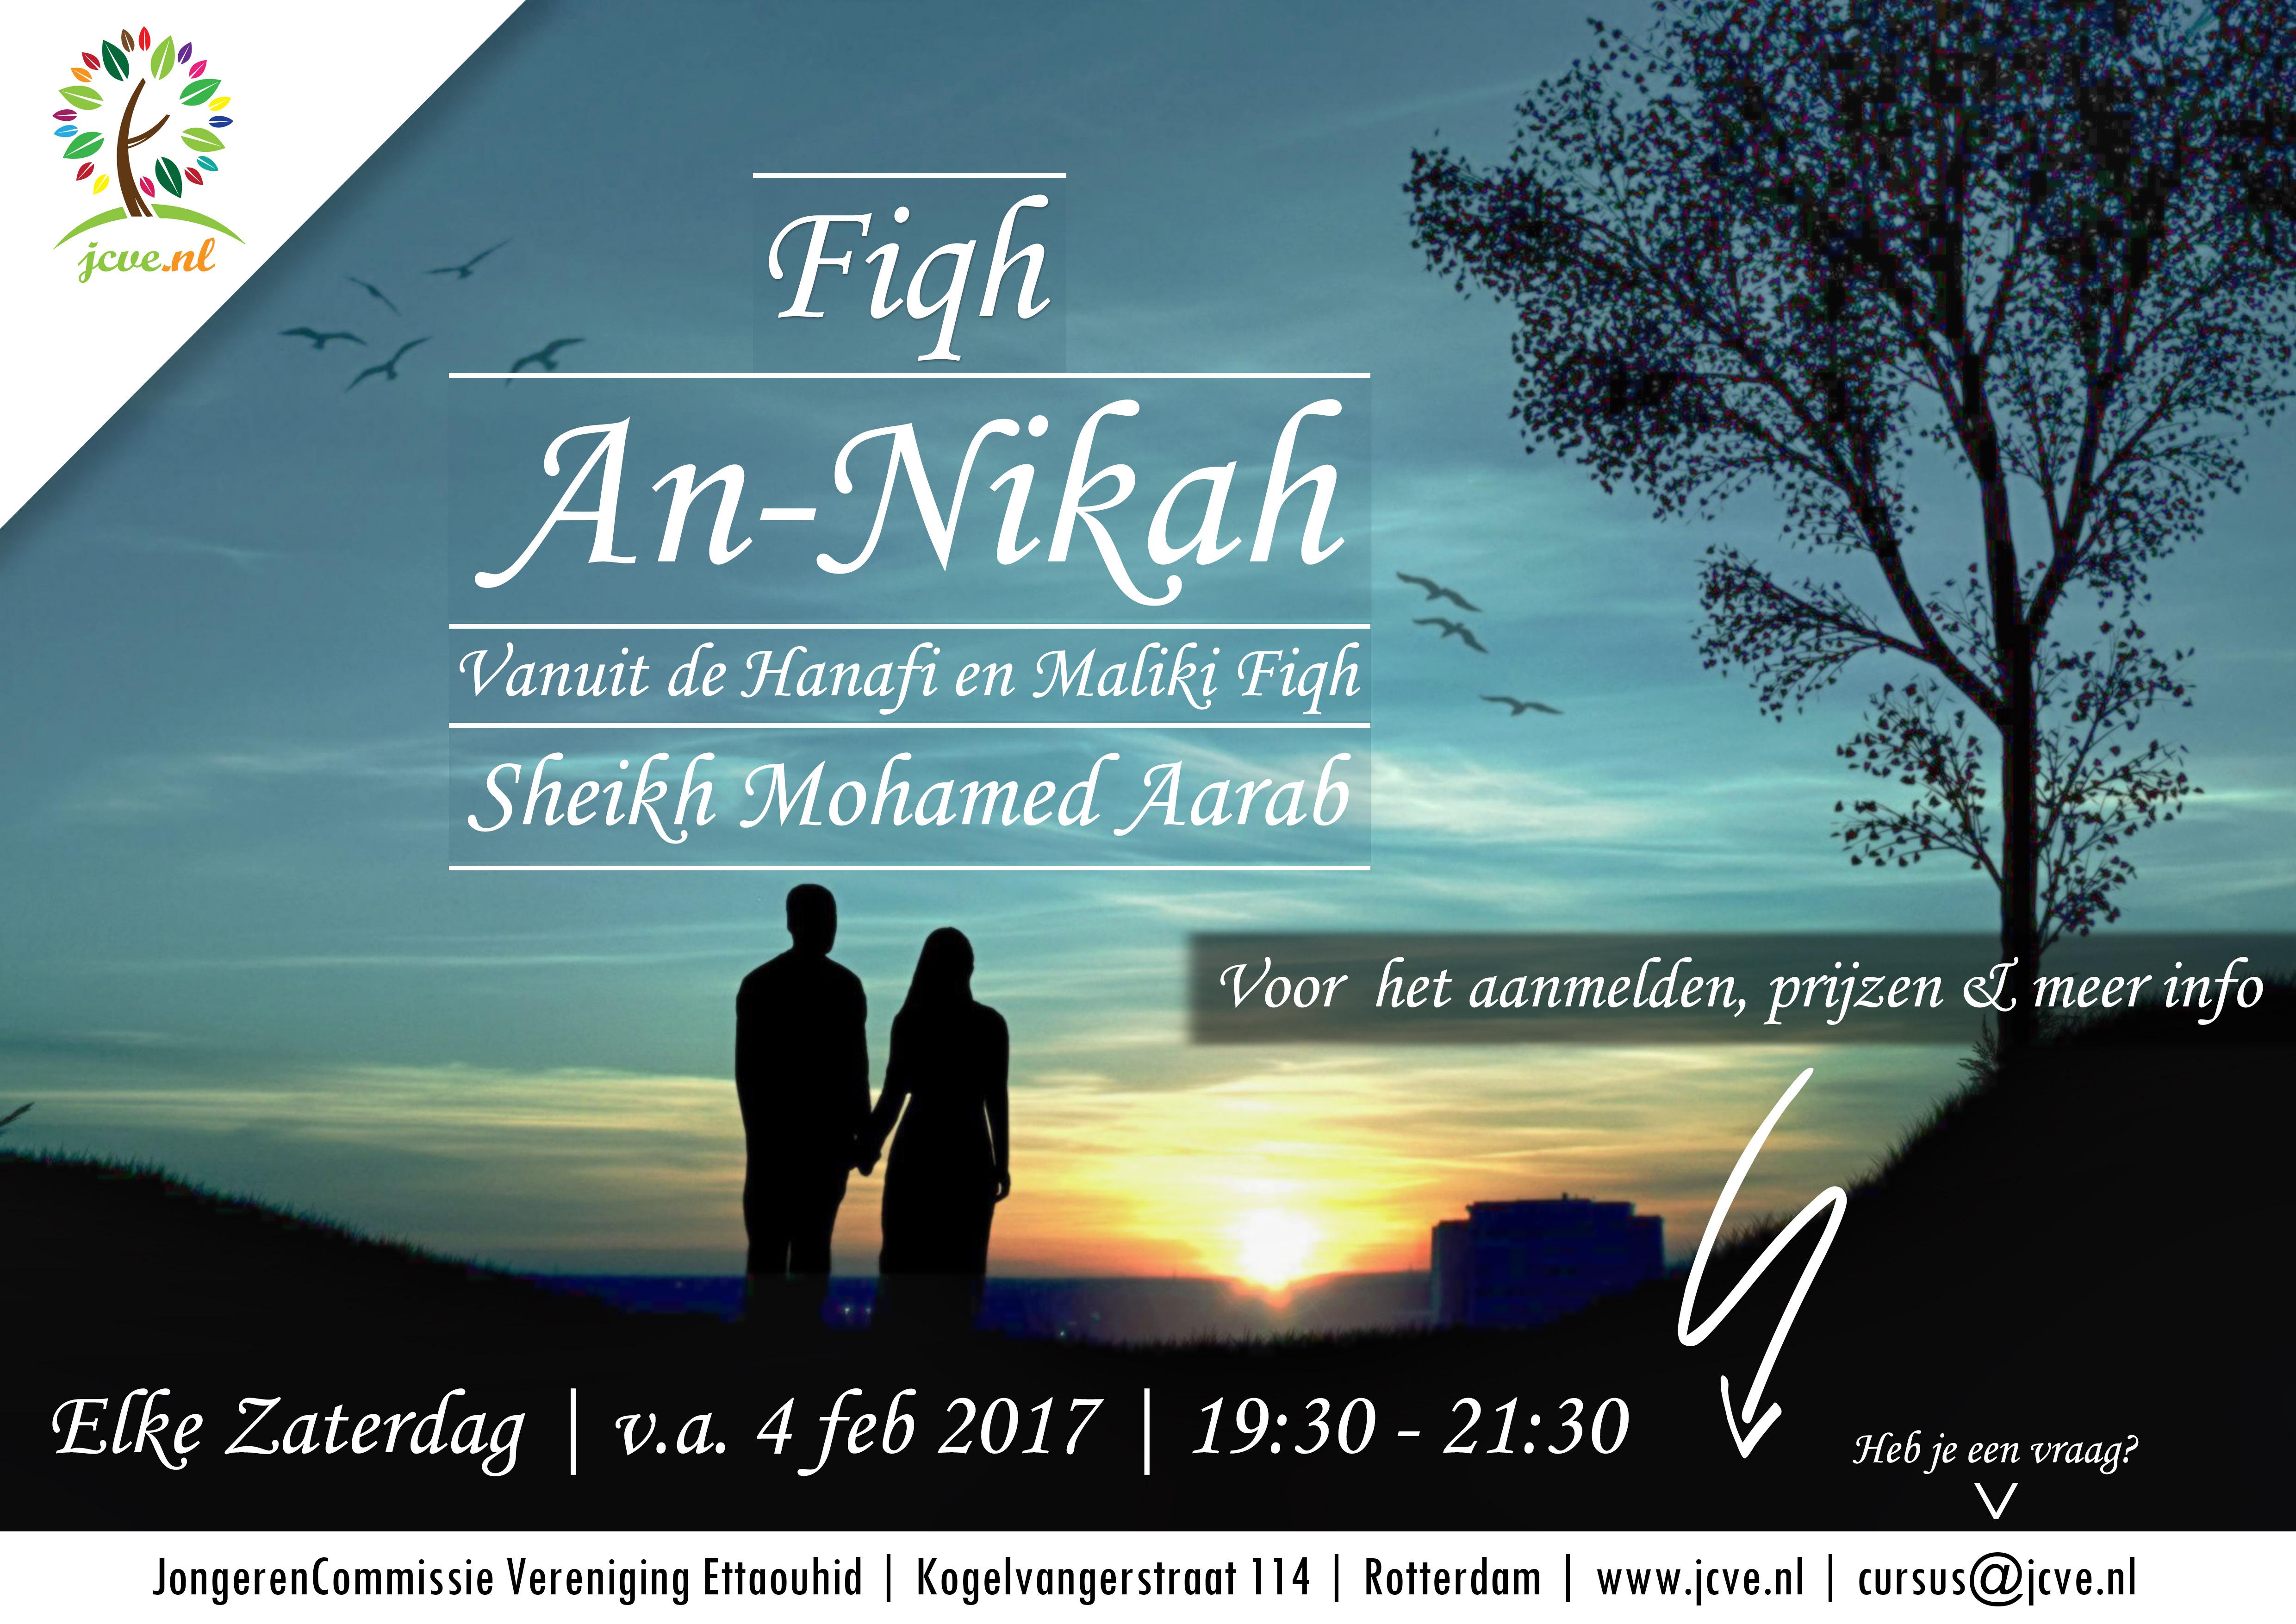 Islam trouwen huwelijk nikah regels fiqh hanafi maliki scheiden